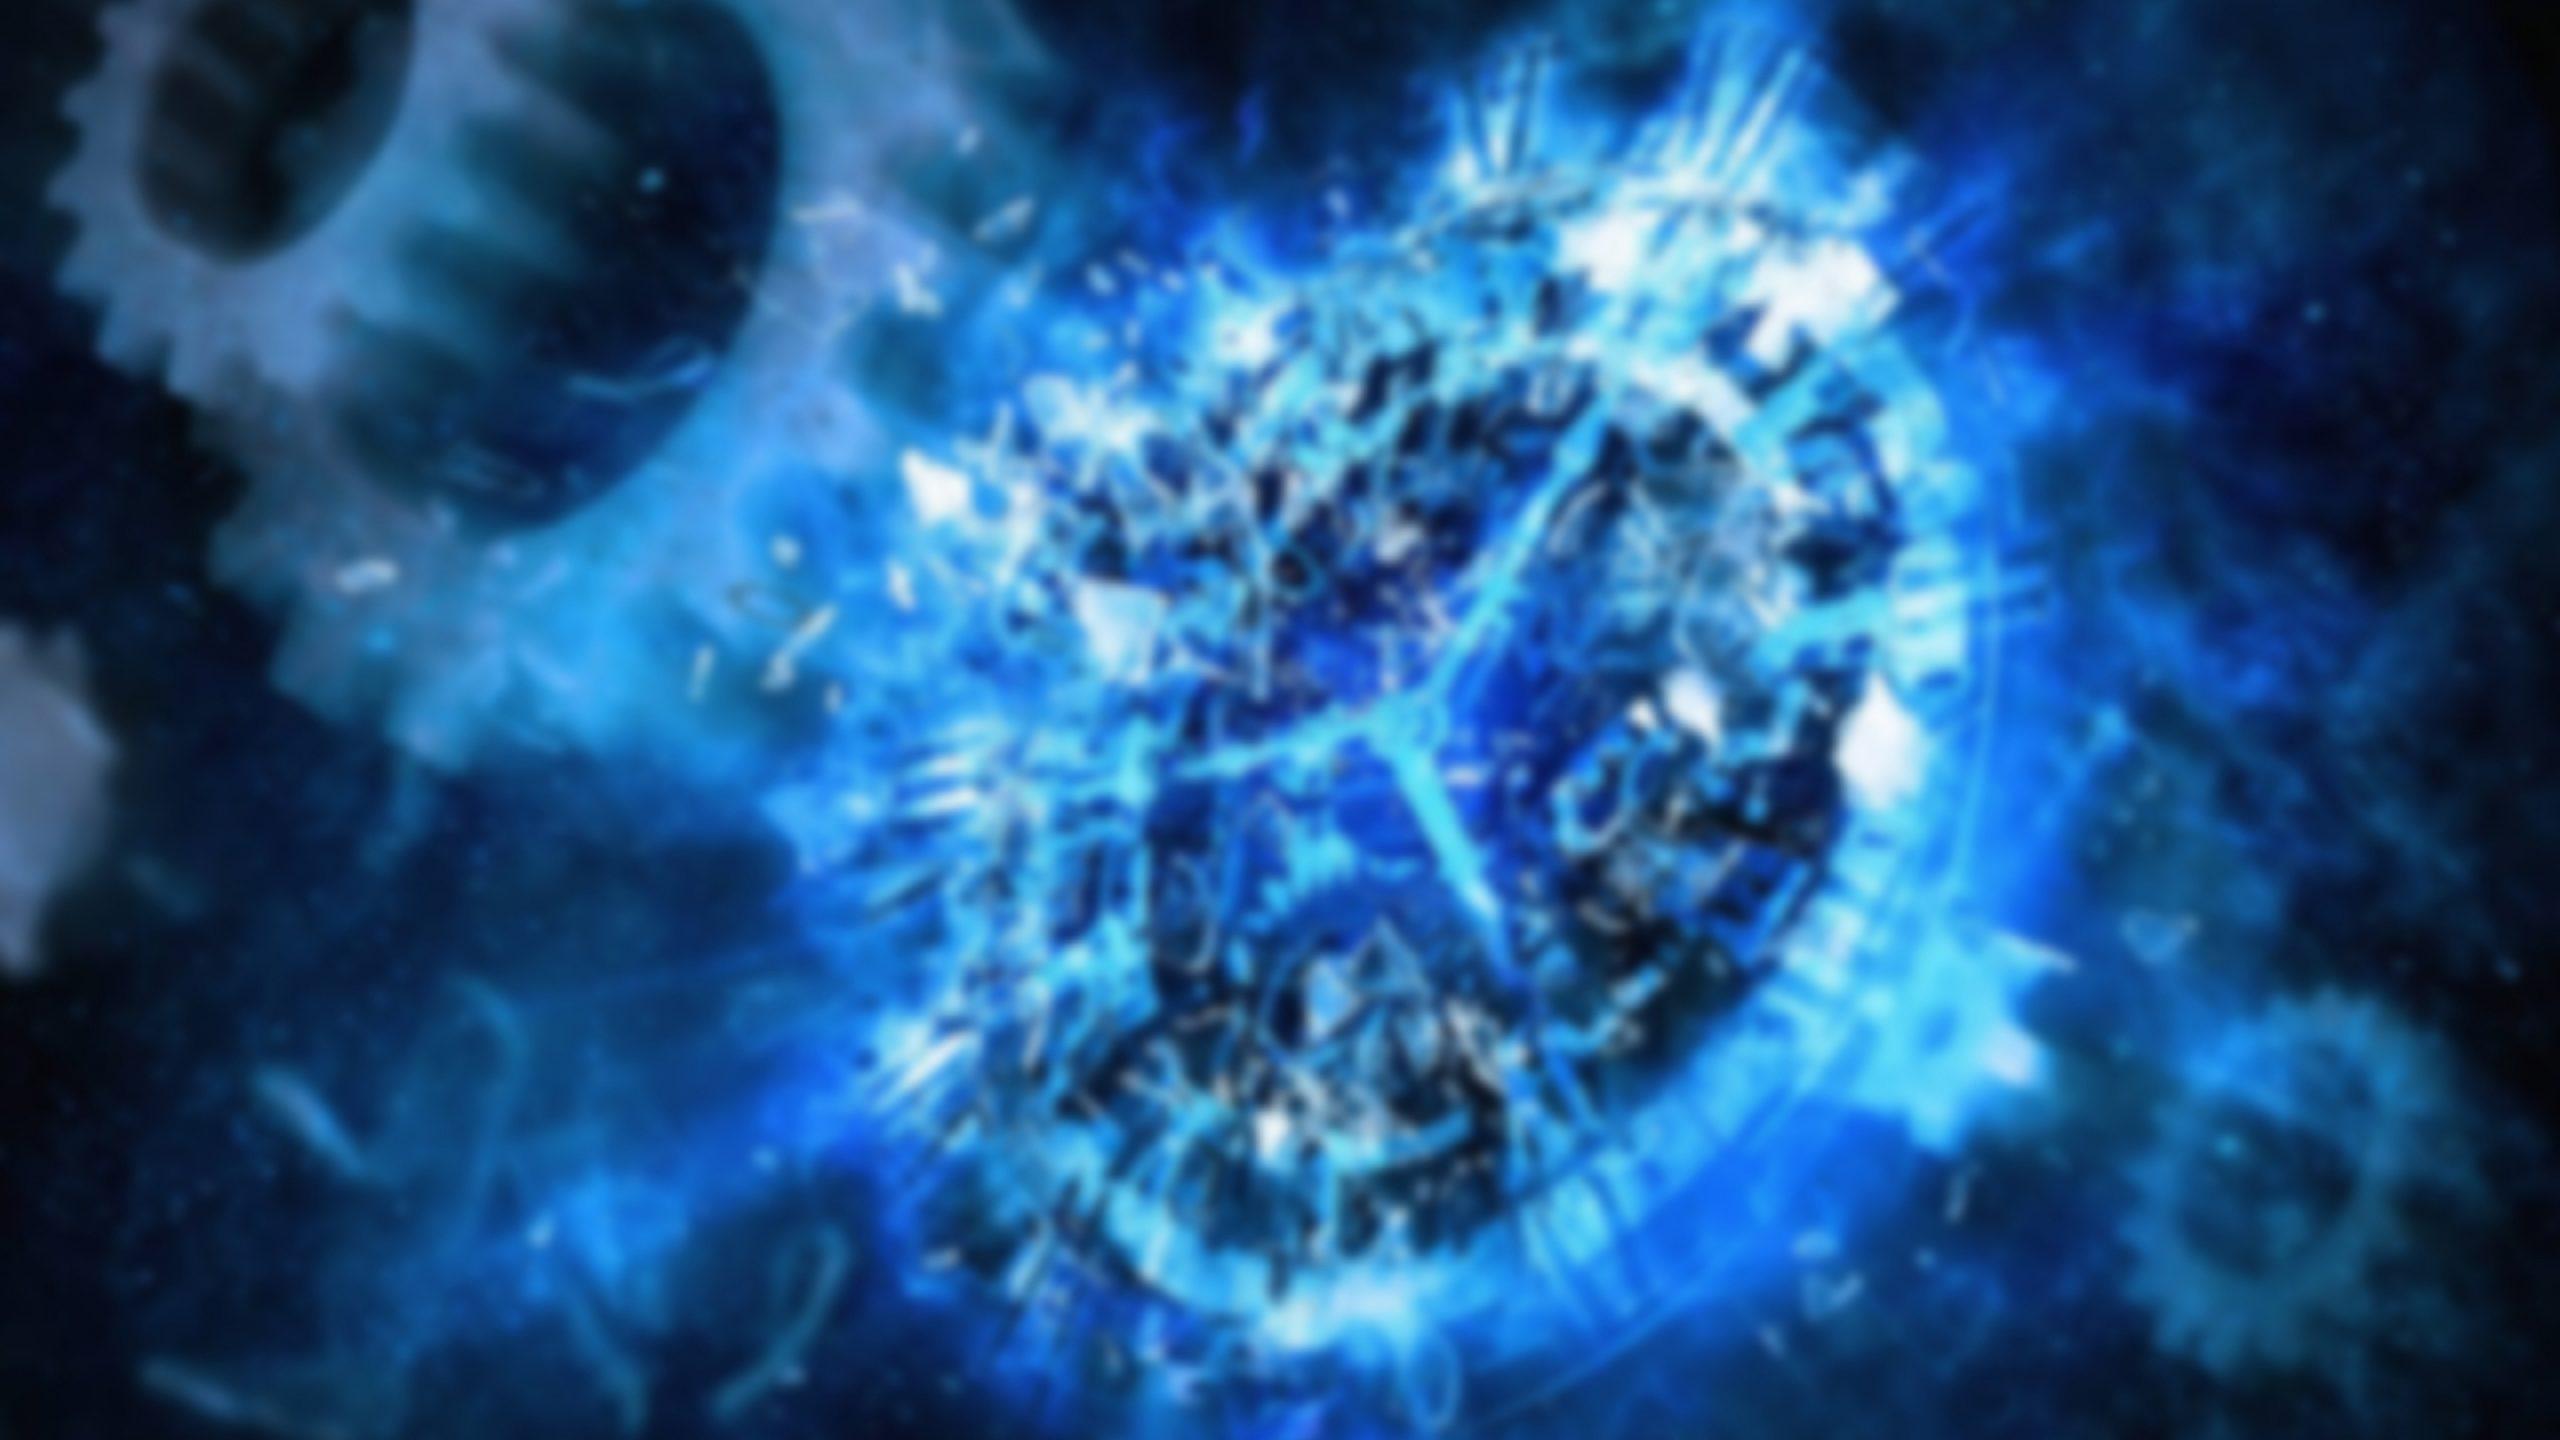 پادکست مانی وار – اپیزود ۲ سفر در زمان (تاریخچه فینتک)